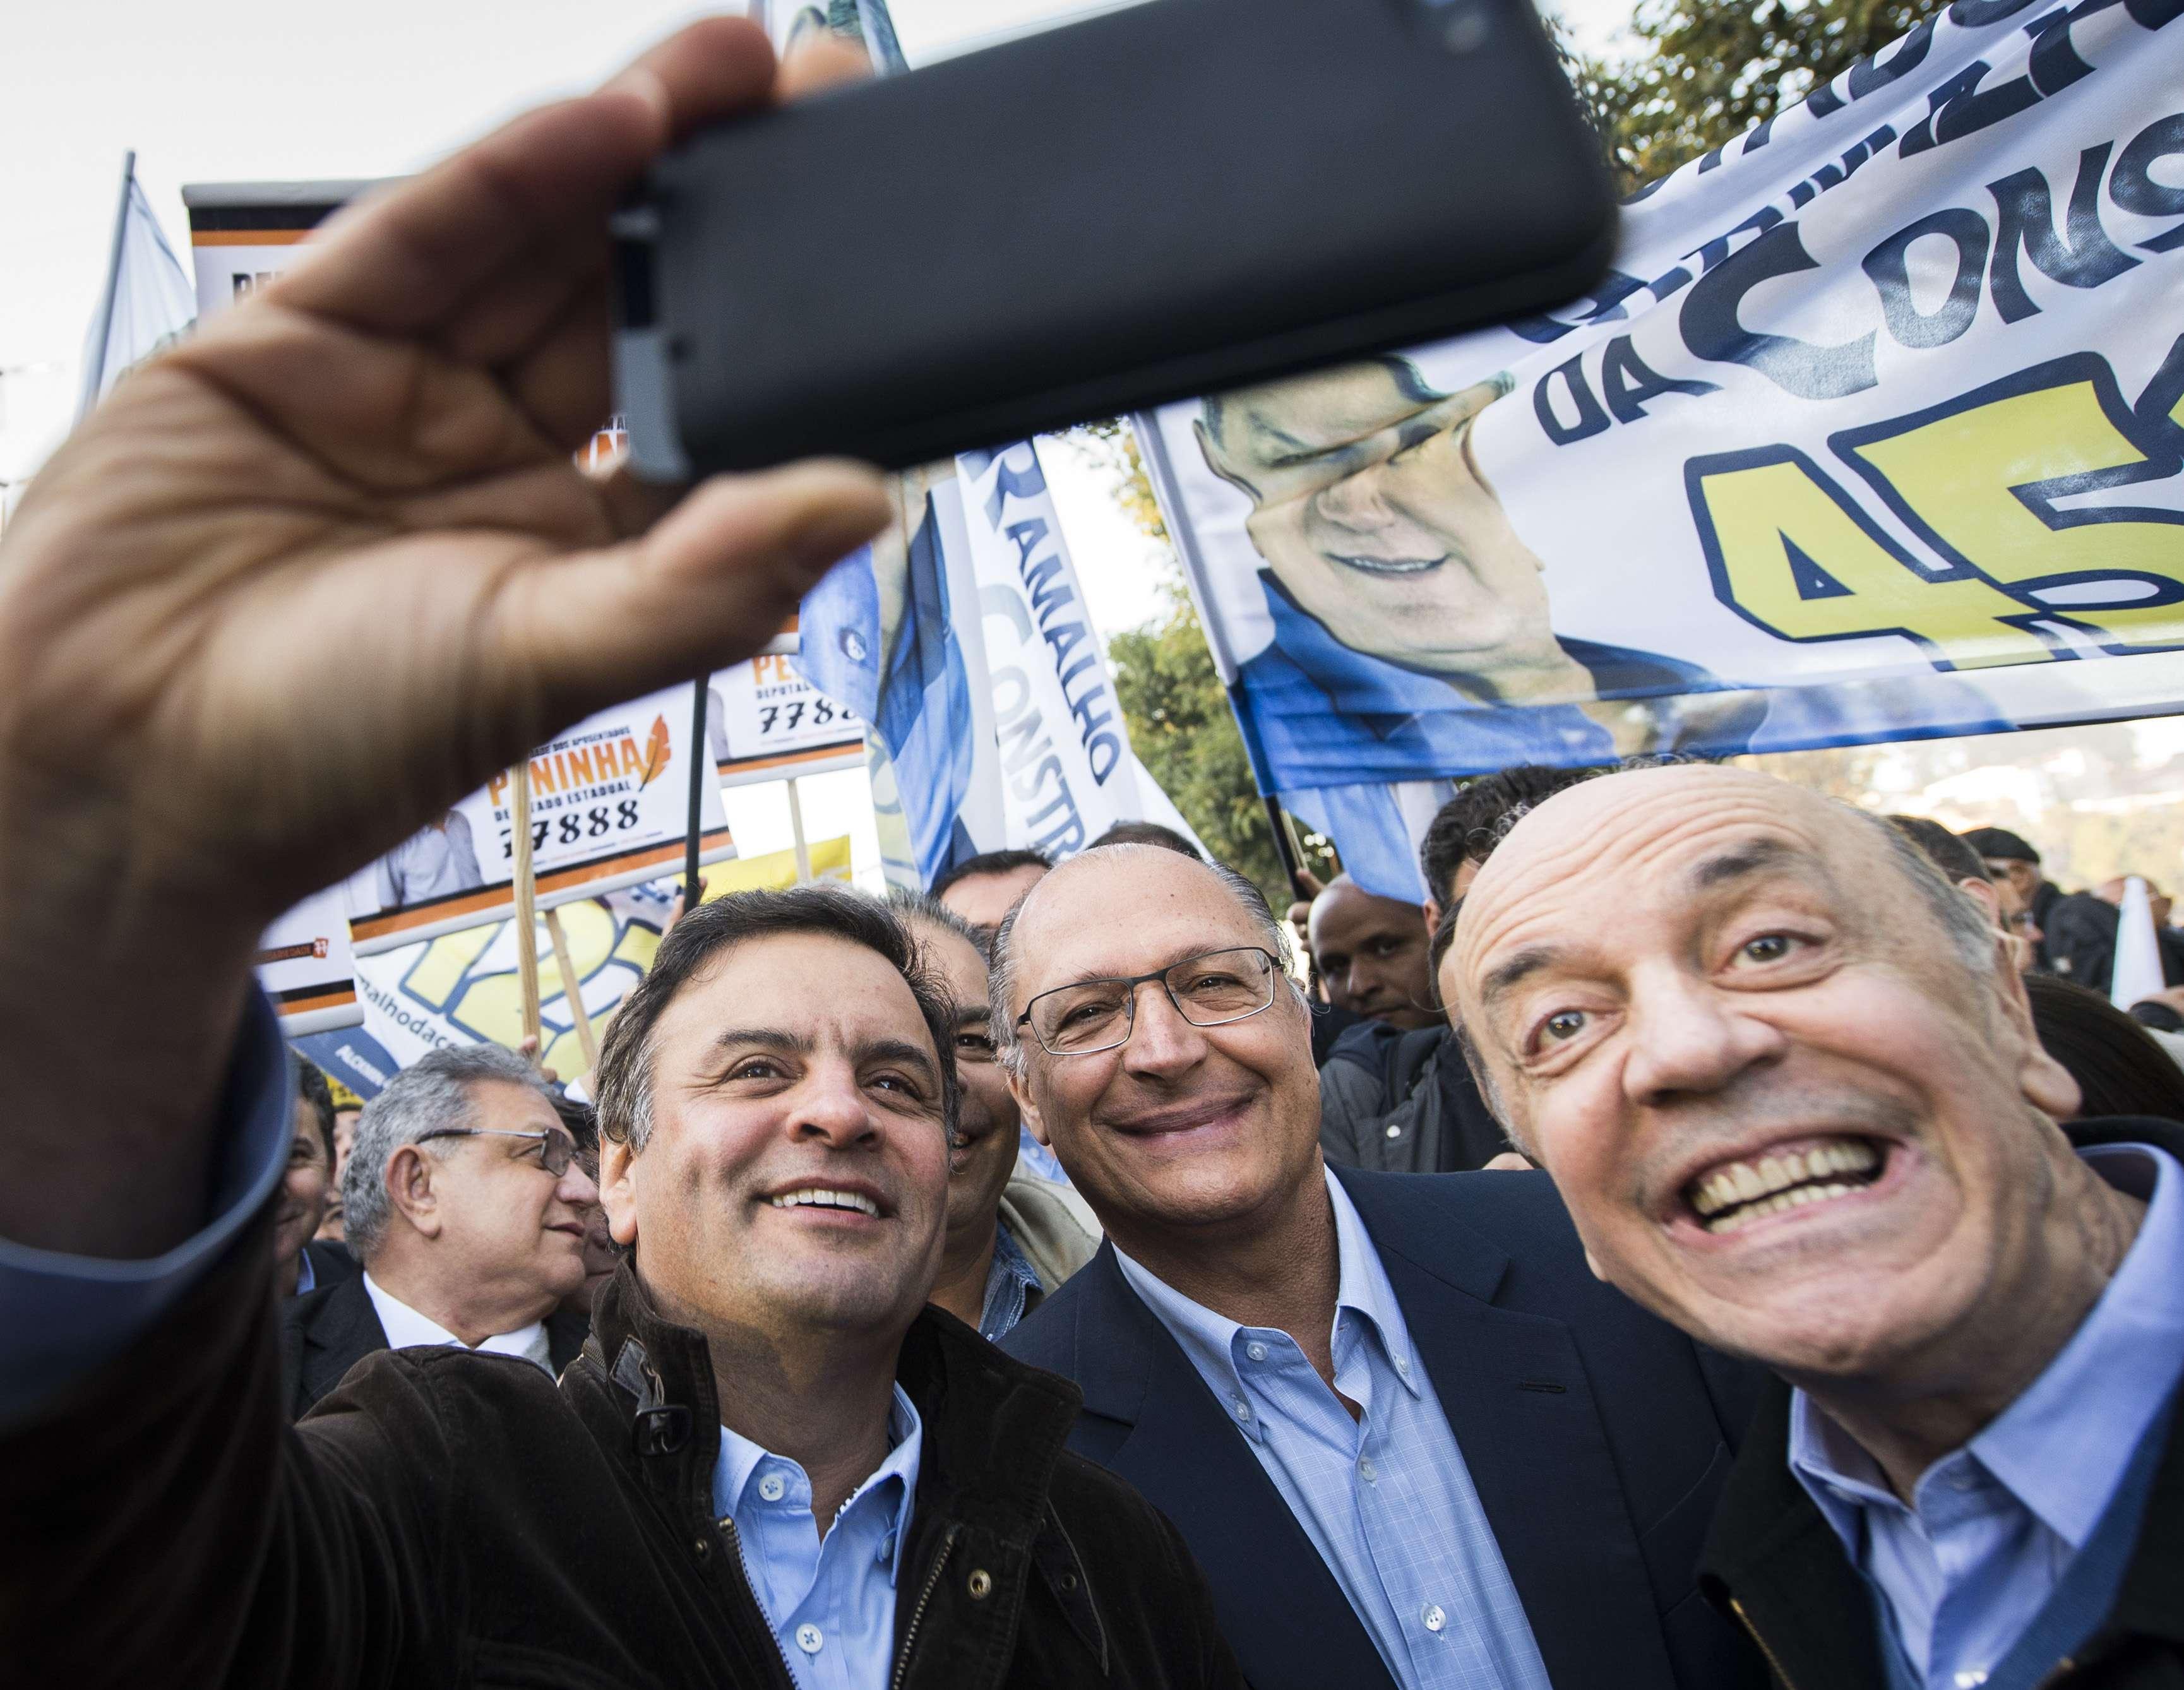 Aécio, Alckmin e Serra fazem uma selfie Foto: Bruno Santos/Terra